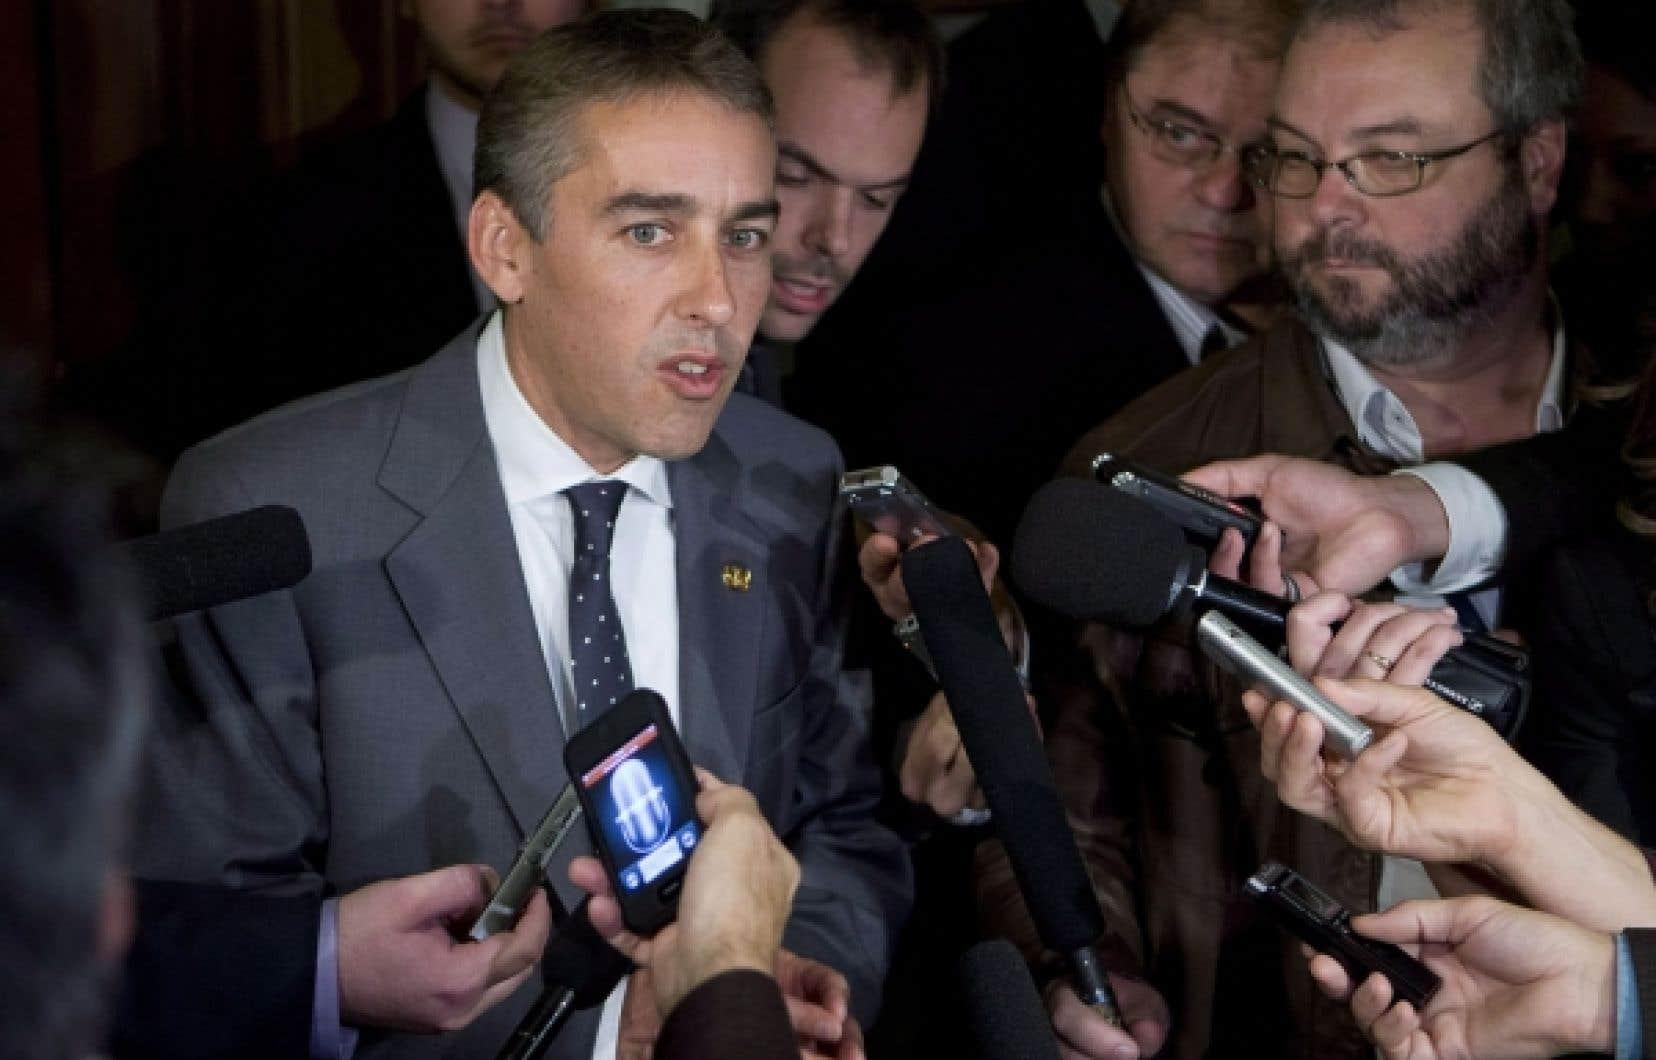 Le ministre québécois des Finances, Nicolas Marceau, répond aux questions des journalistes au sujet de sa volonté de créer deux nouveaux paliers d'imposition sur le revenu, une mesure qui soulève de nombreuses protestations.